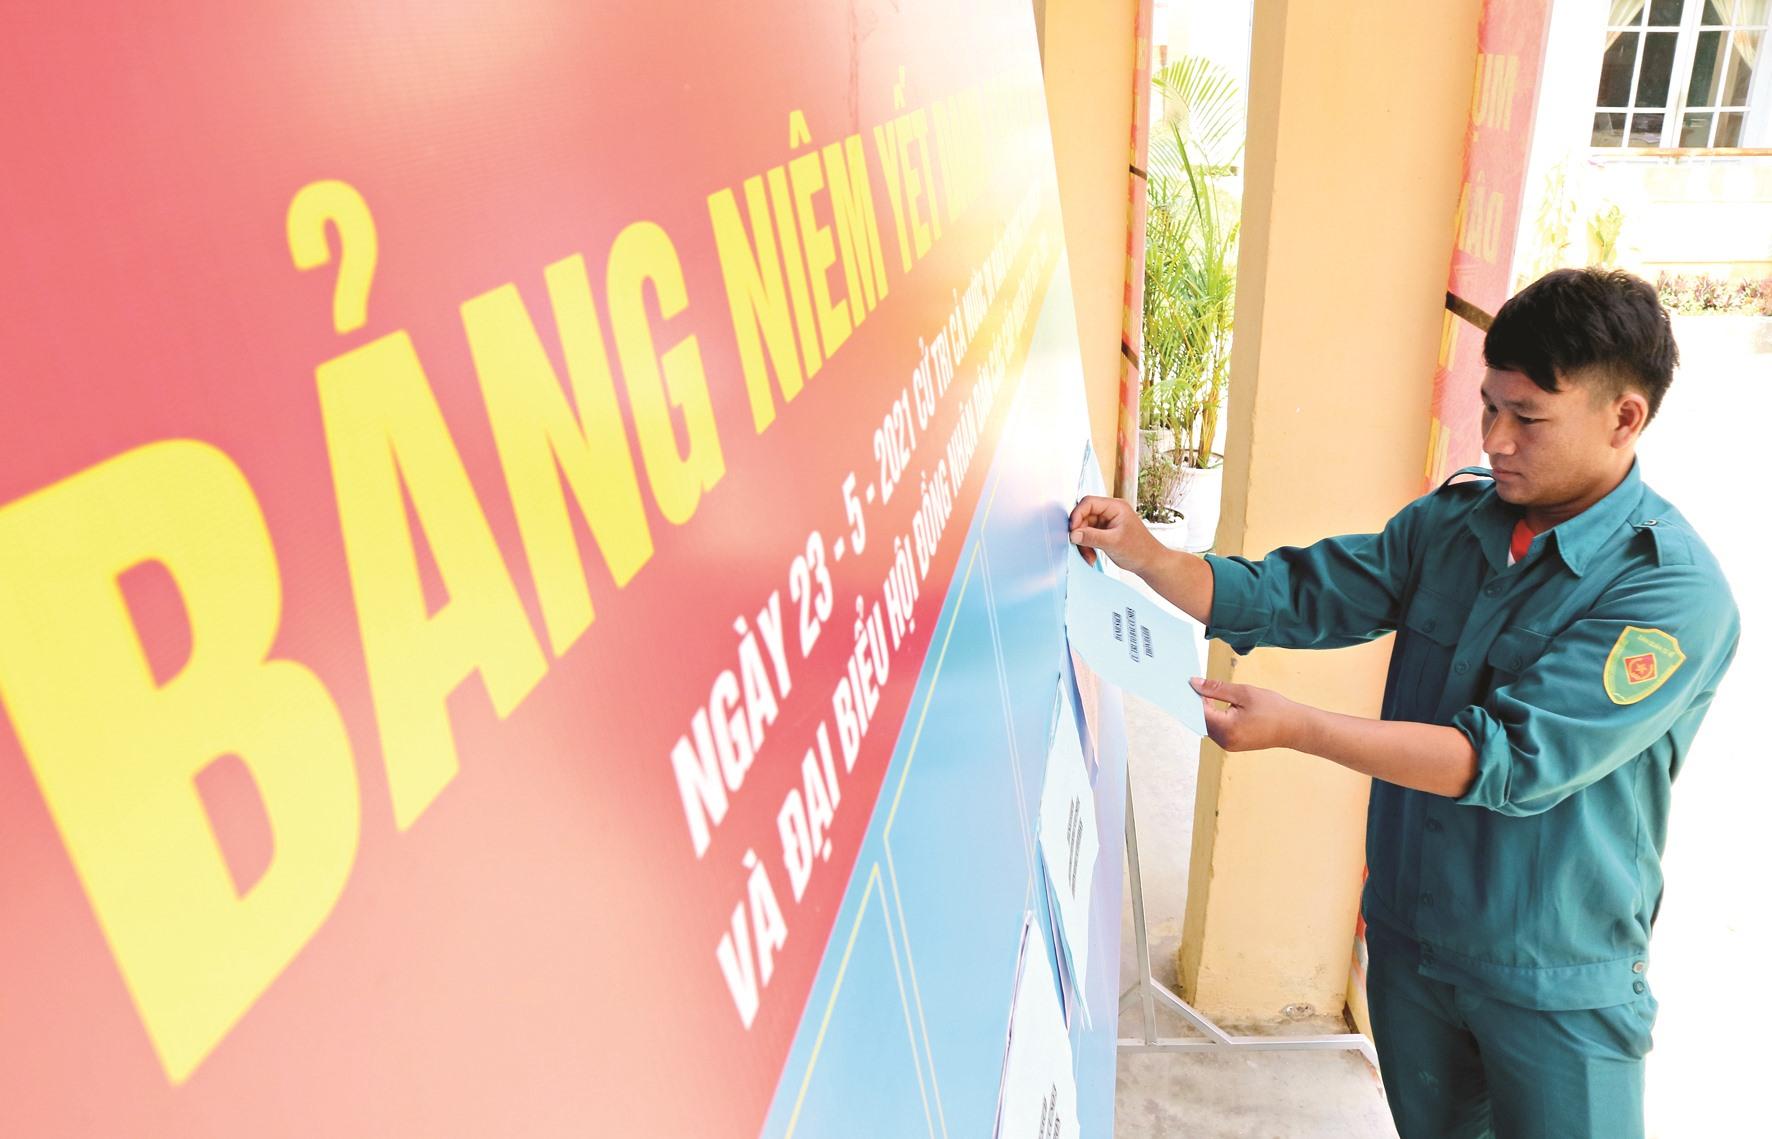 Ngay sau khi được Ủy ban Bầu cử quốc gia đồng ý cho bầu cử sớm vào ngày 16.5 tới, chính quyền xã La Dêê (Nam Giang) triển khai ngay việc niêm yết danh sách ứng cử viên, giúp cử tri dễ dàng tìm hiểu thông tin cần thiết.